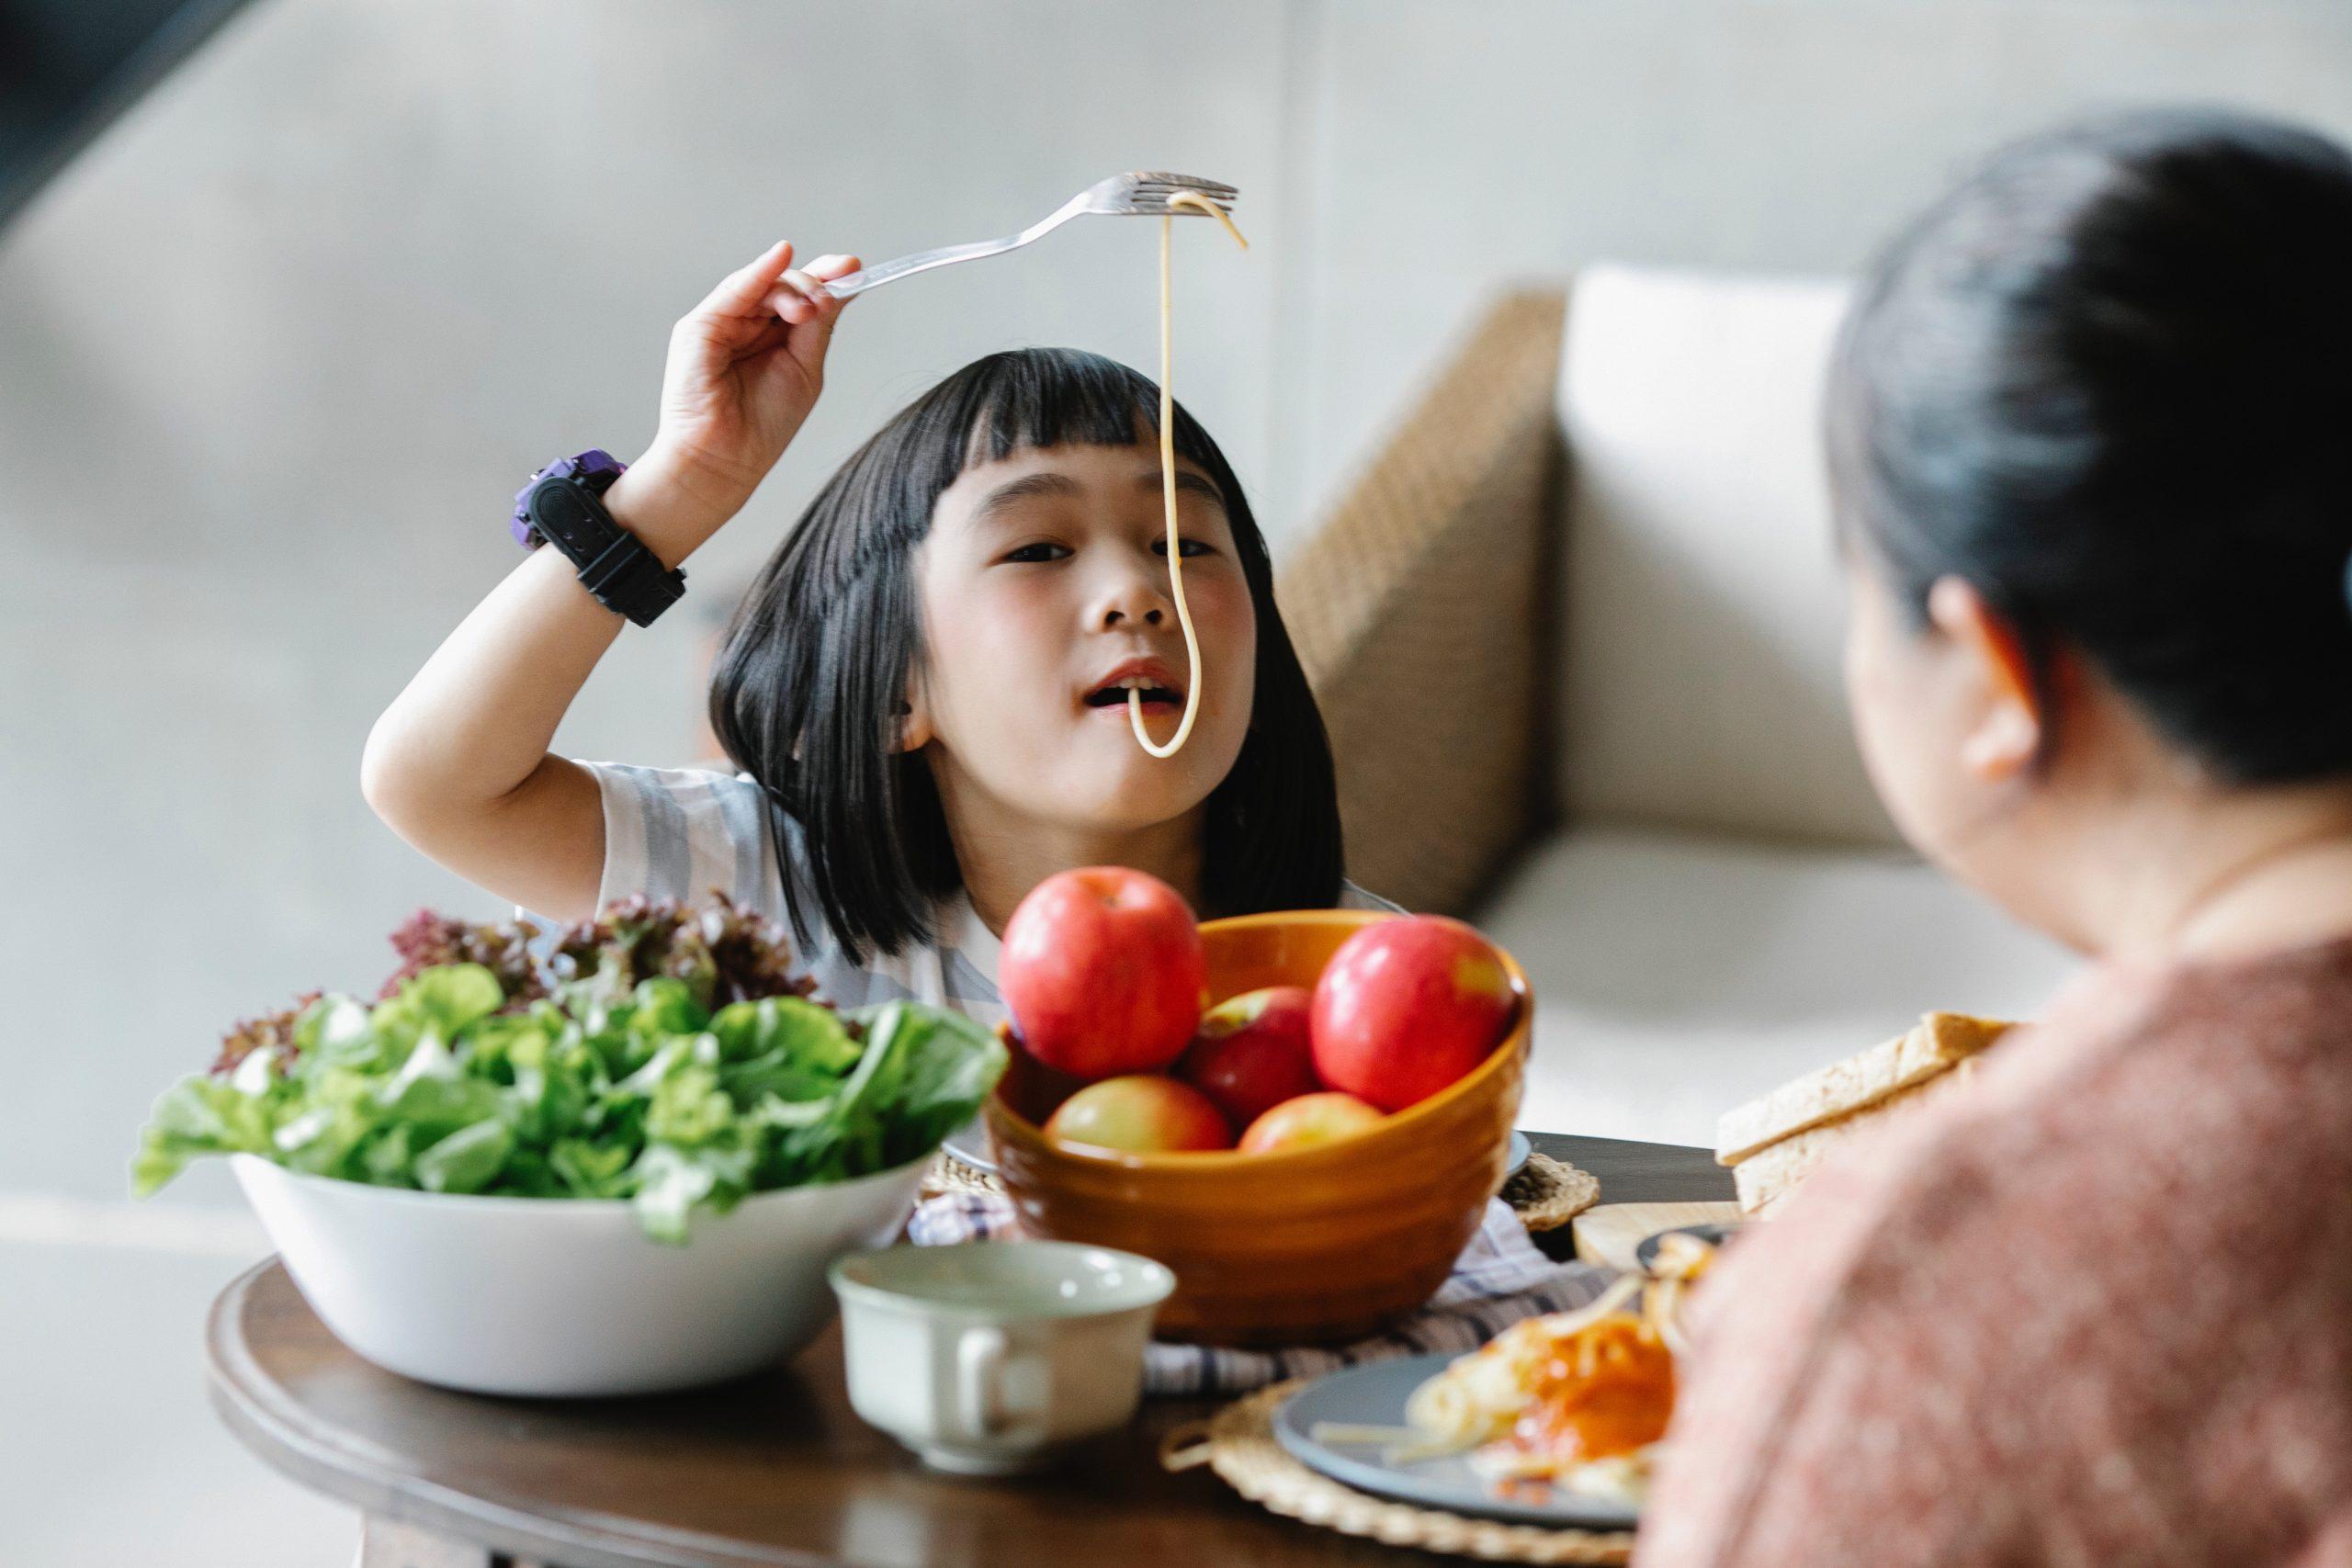 comment bien nourrir ses enfants